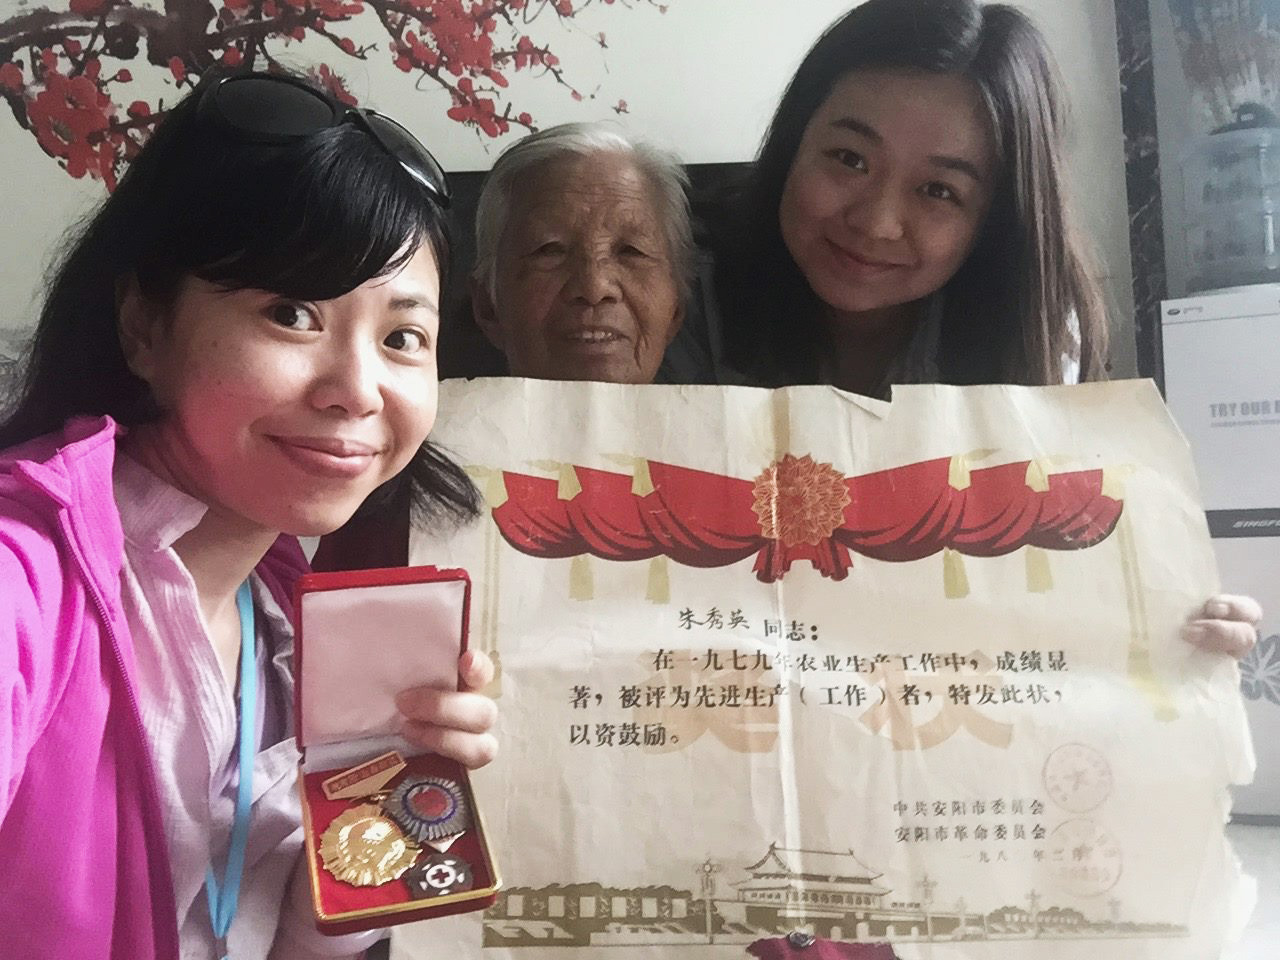 王舒俐一趟「無心插柳」的田野調查,為中國河南安陽小村的「地方營造」歷程,留下了珍貴的記錄與觀點。 圖片來源│王舒俐(圖左)